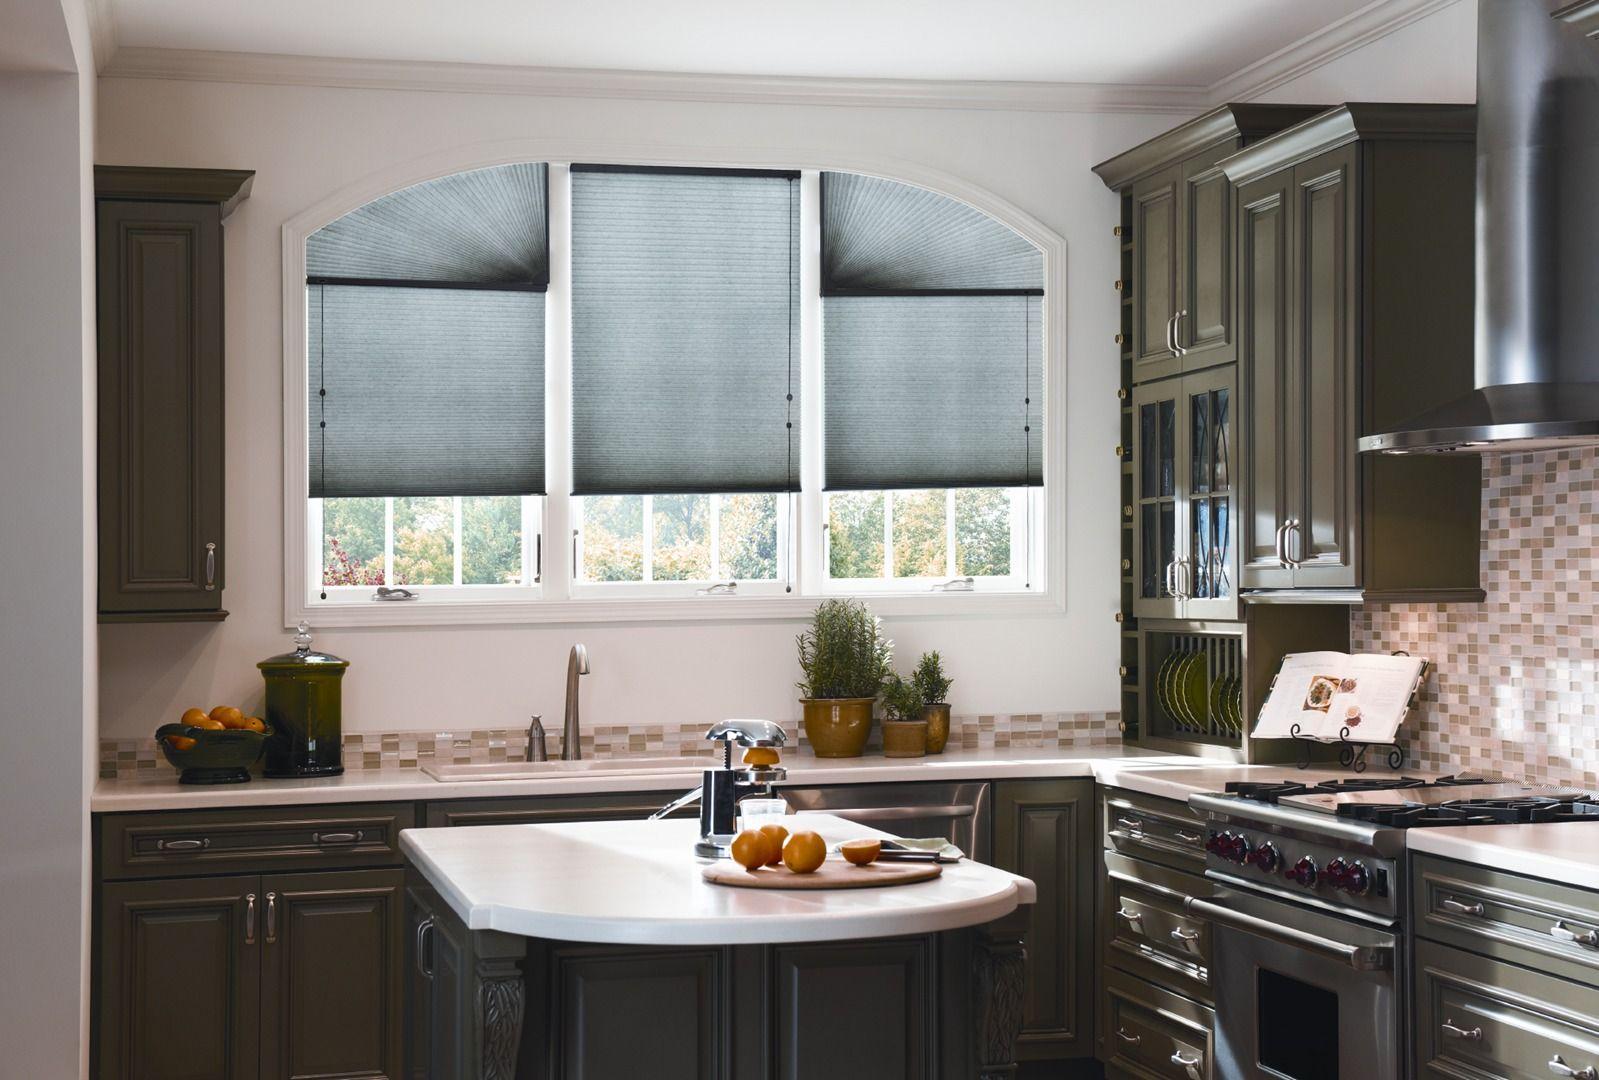 Graber cellular shades above kitchen sink